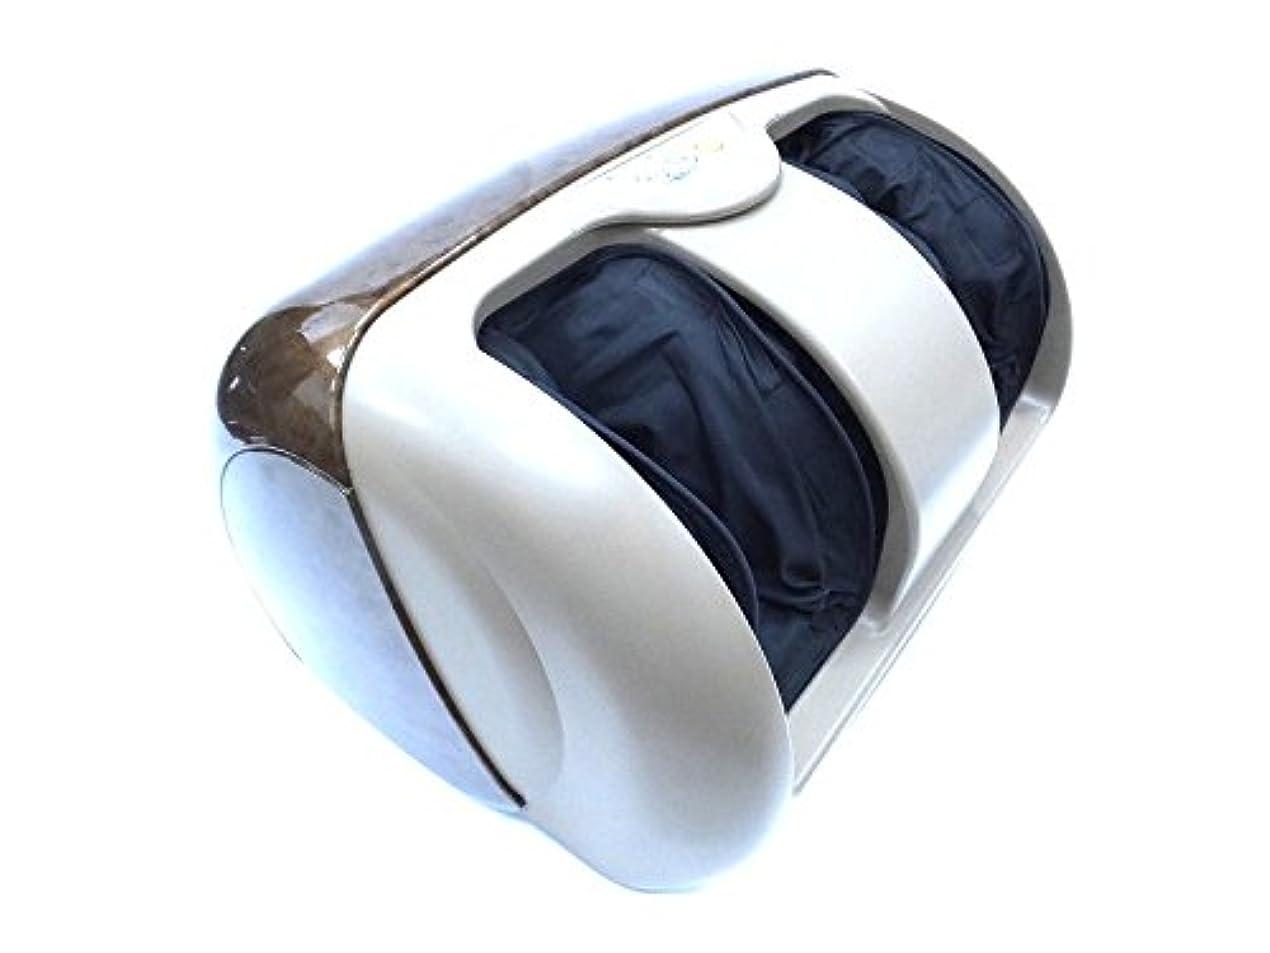 バンケット経由でモナリザフランス総合医療 マルタカテクノ RF01 リフレフット フットマッサージャー (家庭用足マッサージ機)